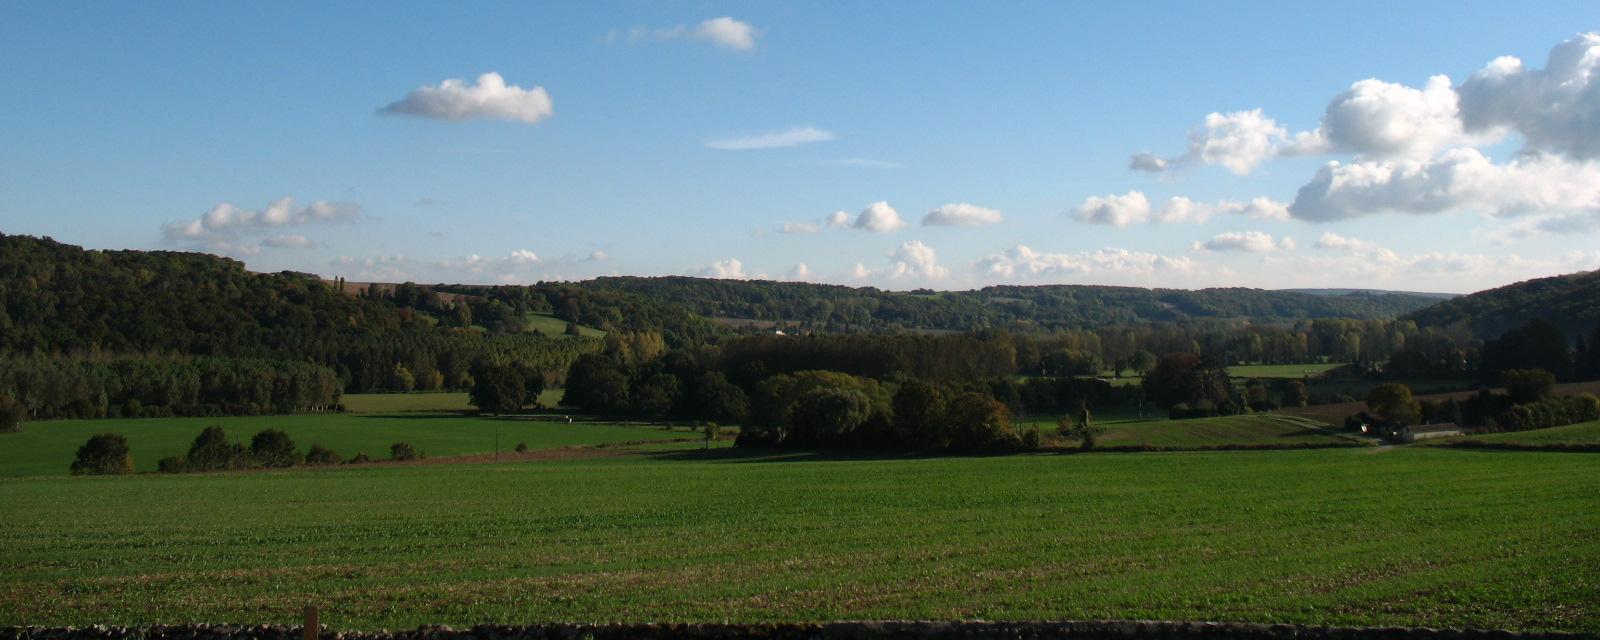 Site vue valle depuis chateauepte 640